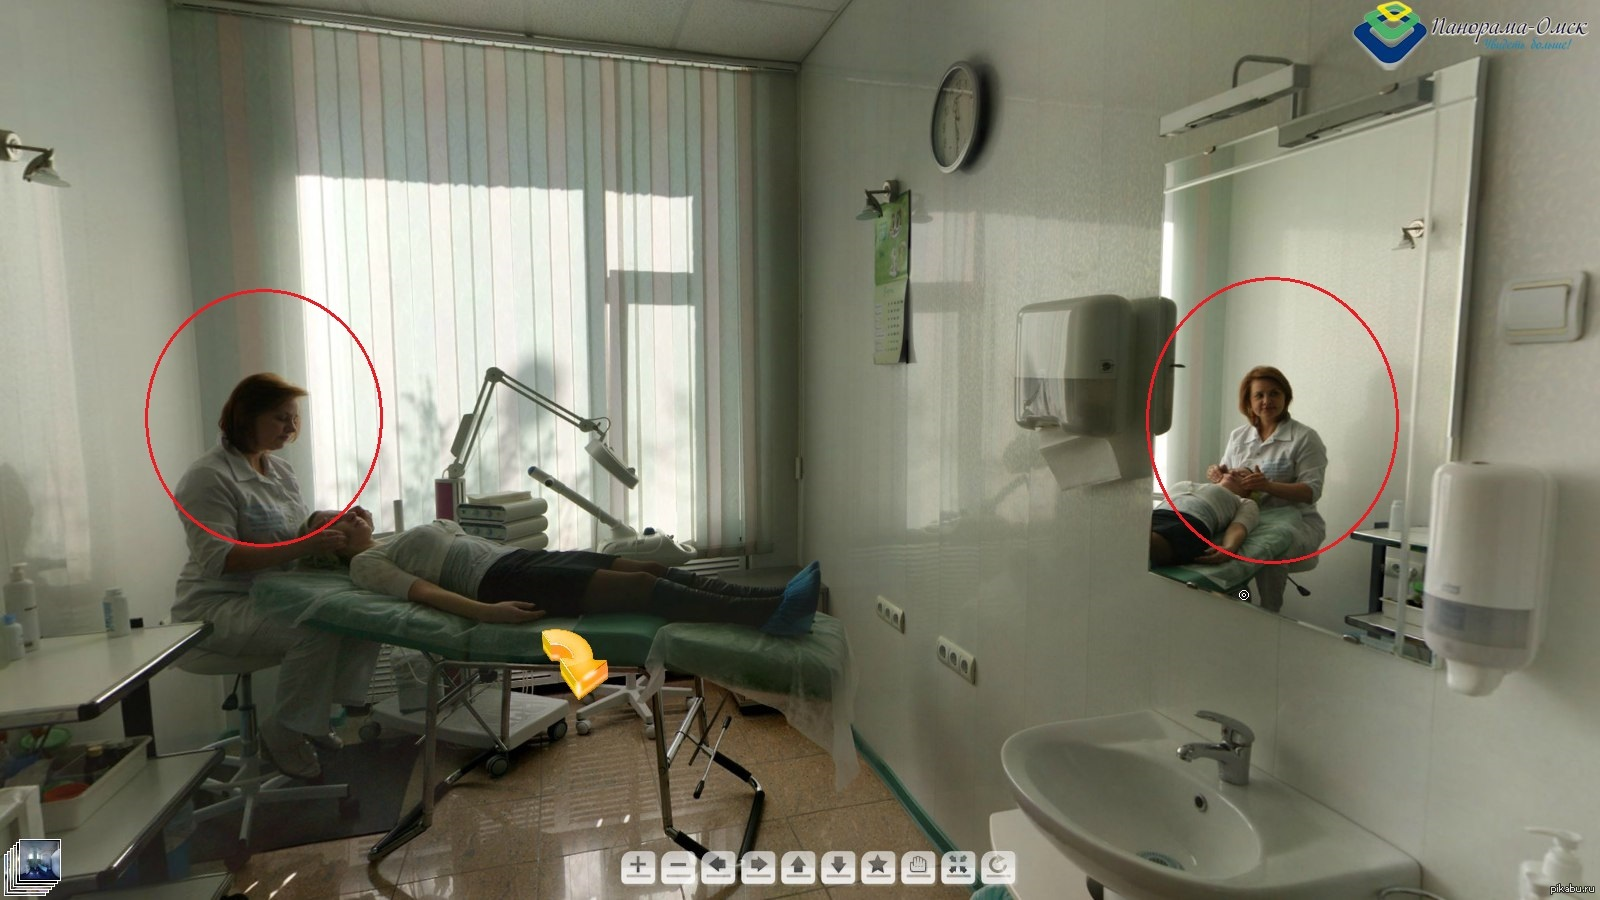 Прикольные картинки про скуку в больнице, для малыша